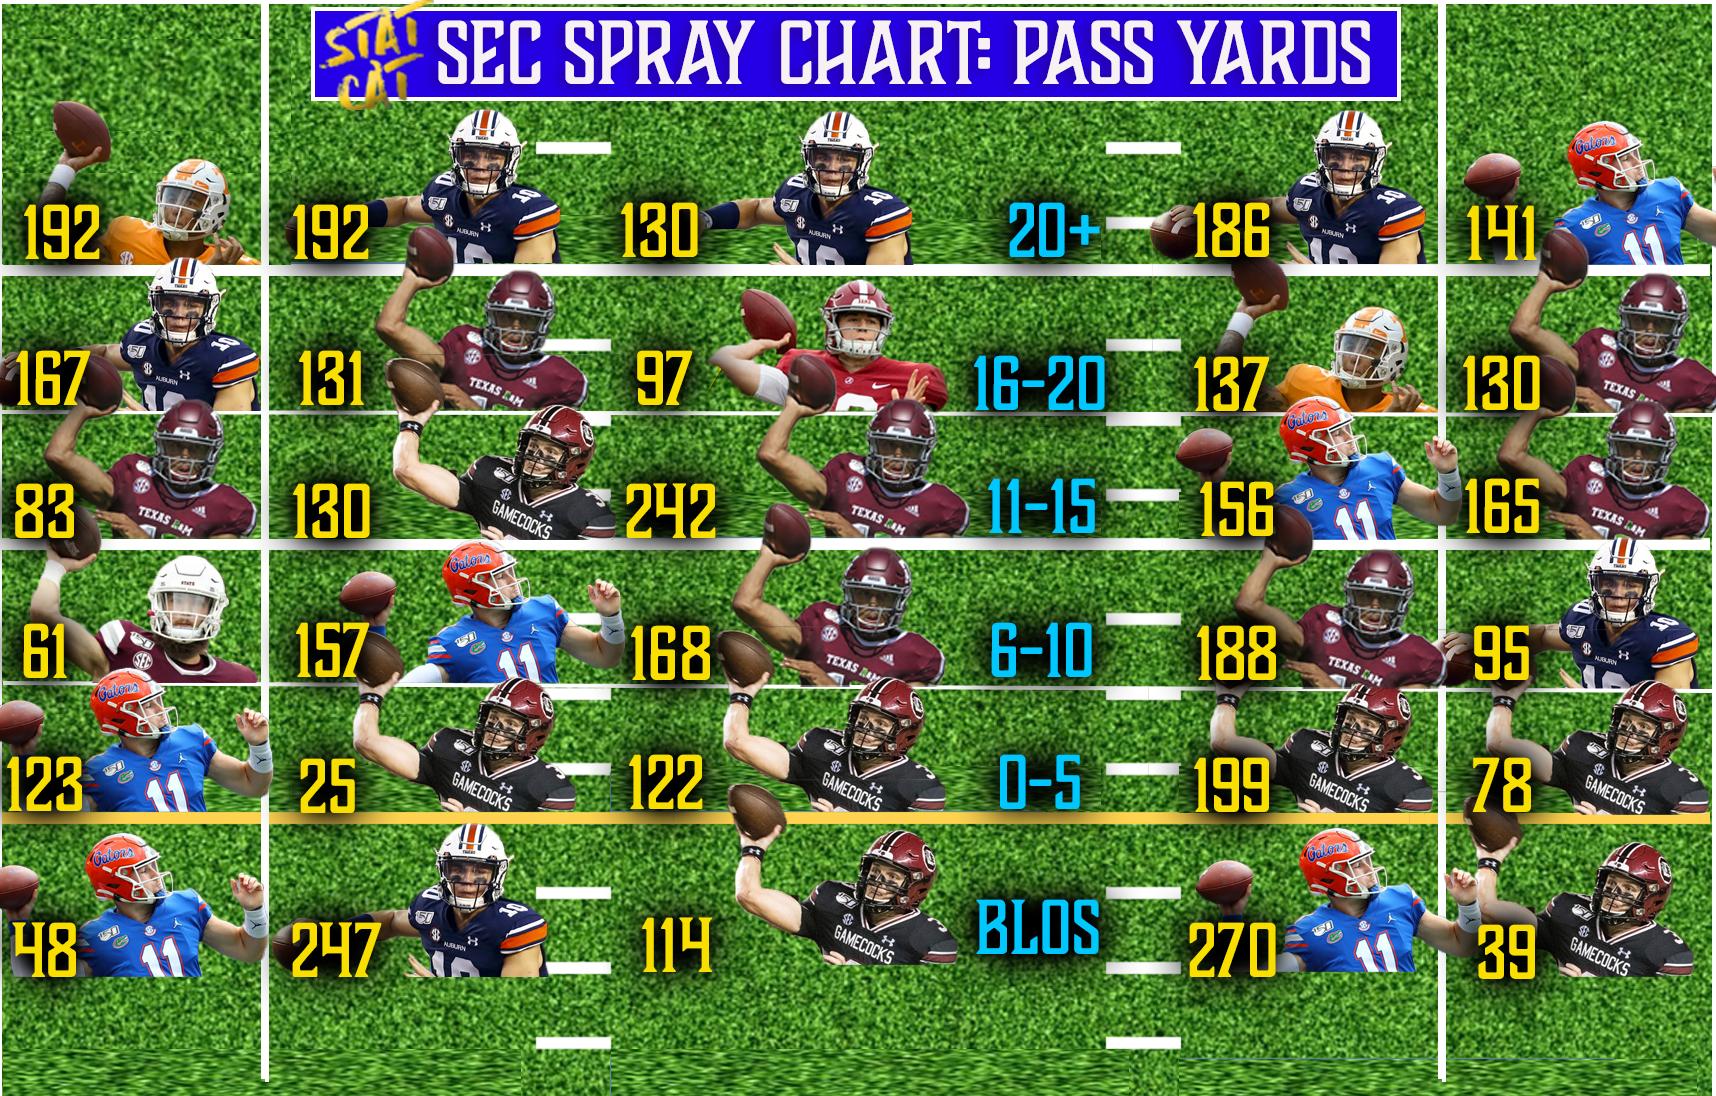 2020 Returner Spray Chart: Pass Yards